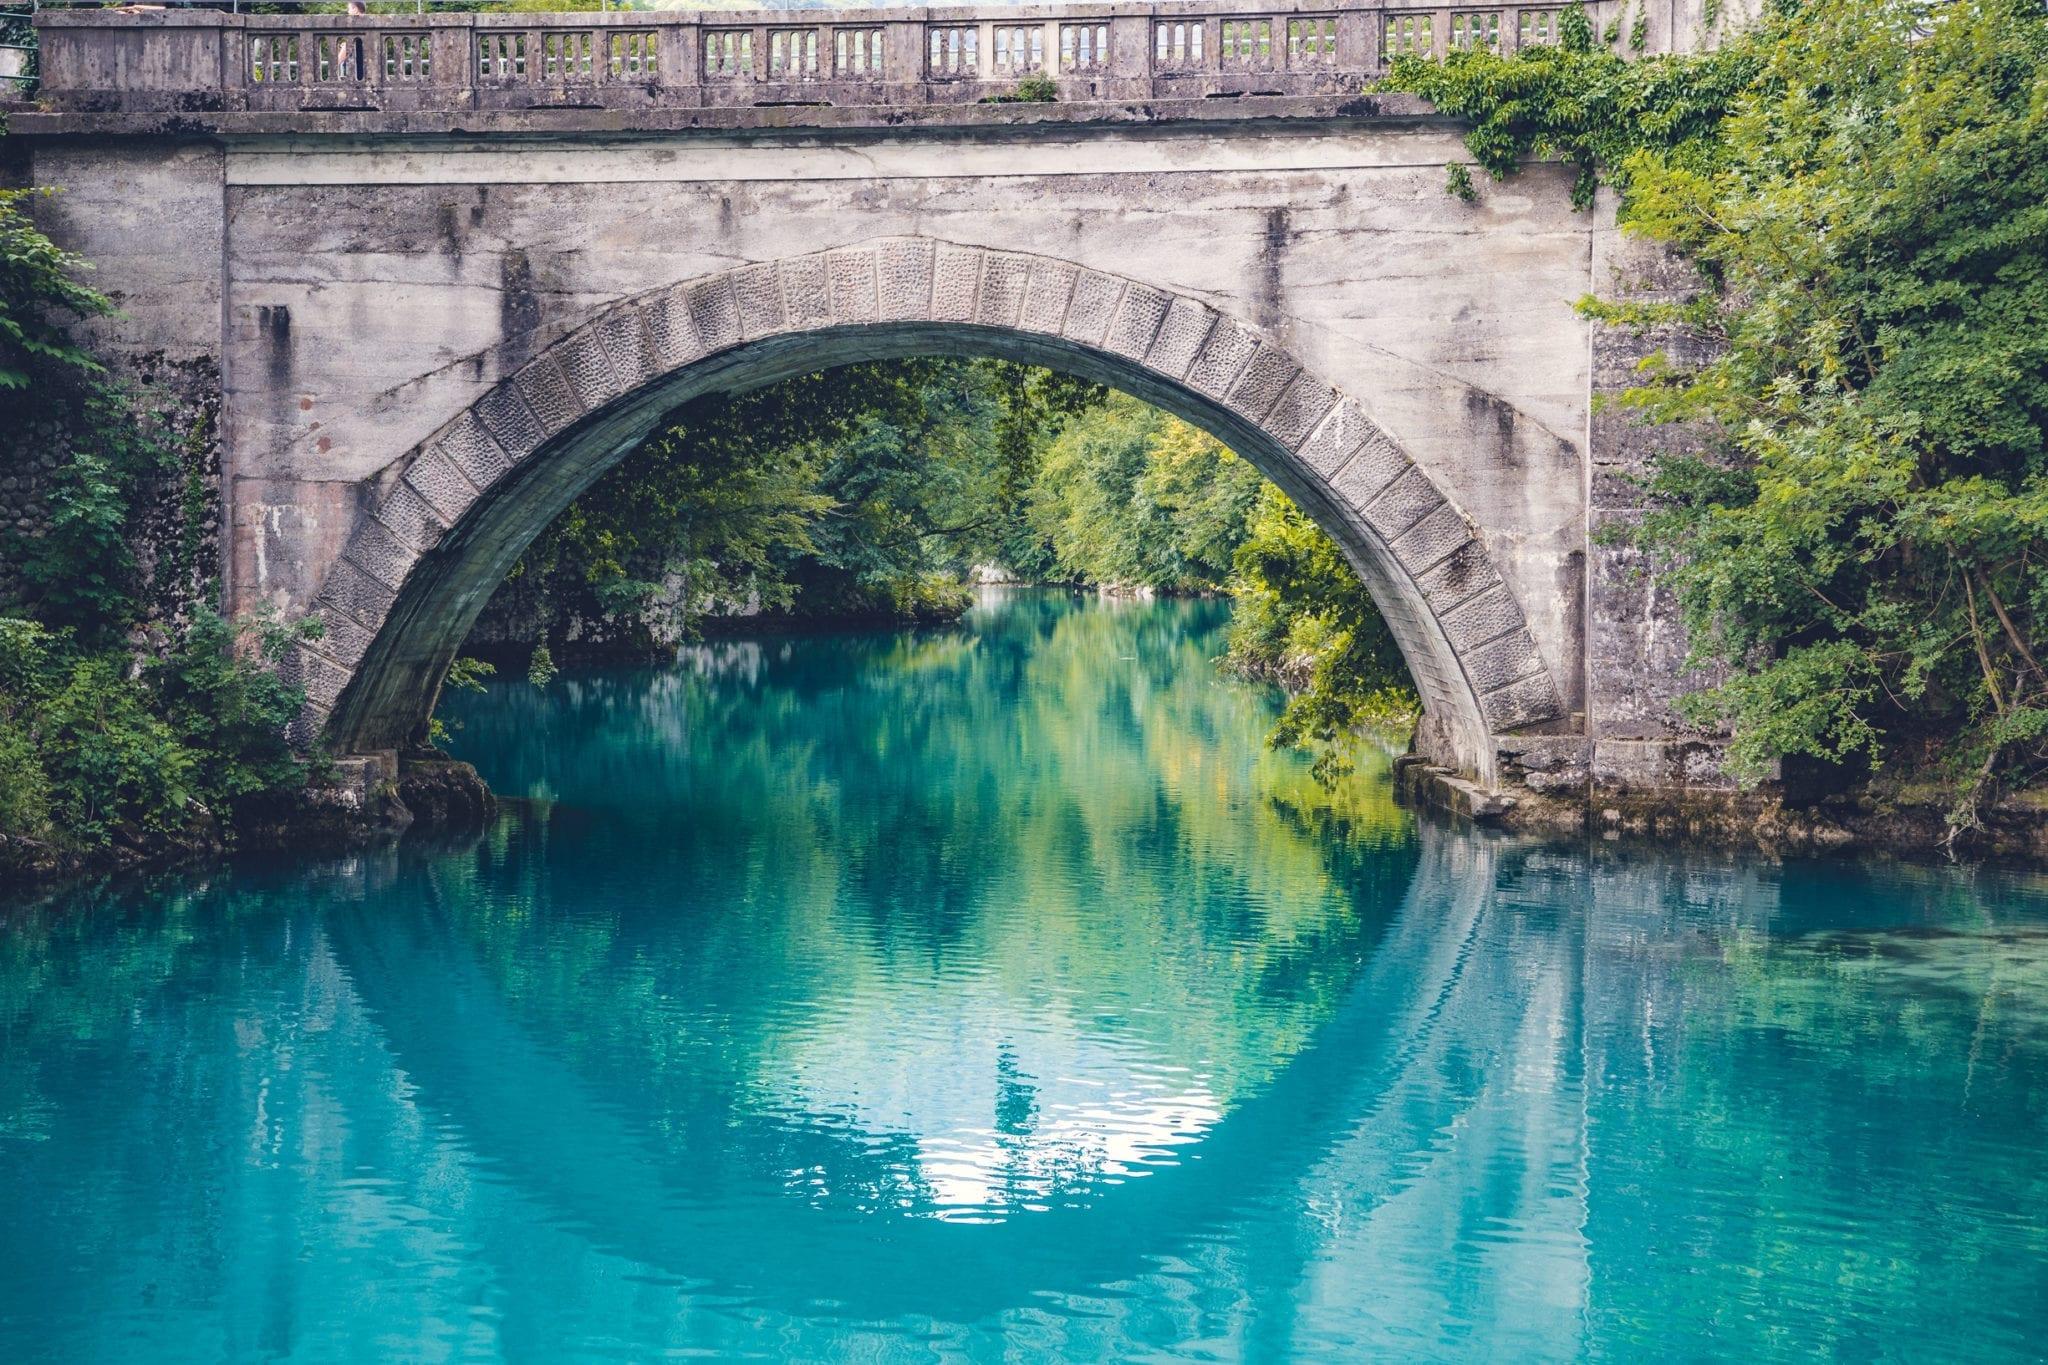 Brücke zu Blog 'wenn das Ihr Leben wäre'